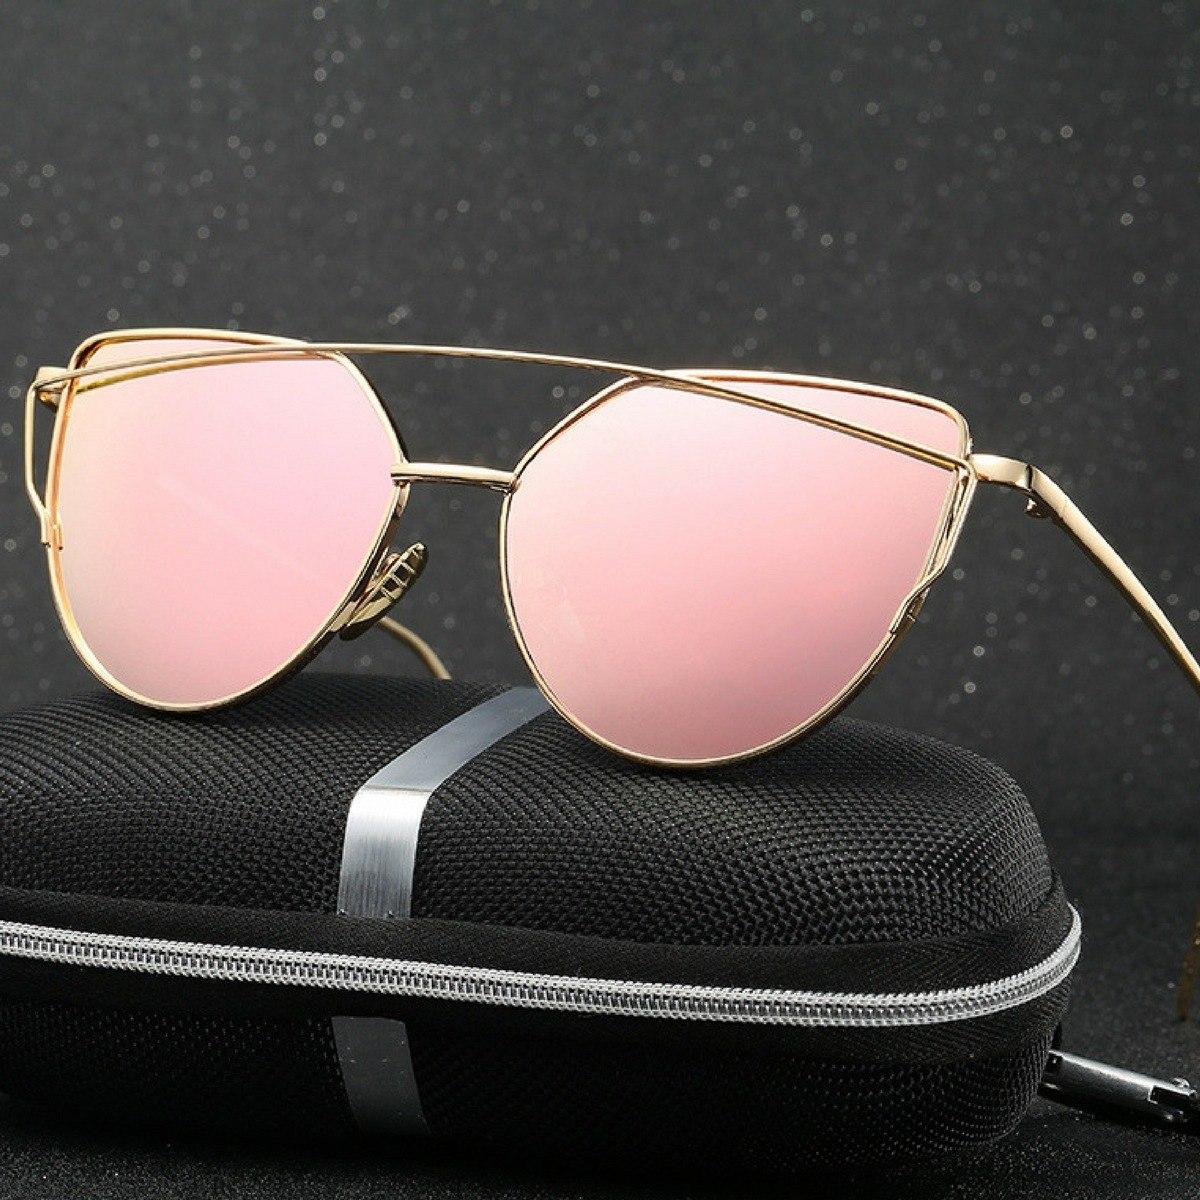 b79ce0e15 óculos de sol reflexivo gatinho rose armação dourada cateye. Carregando zoom .